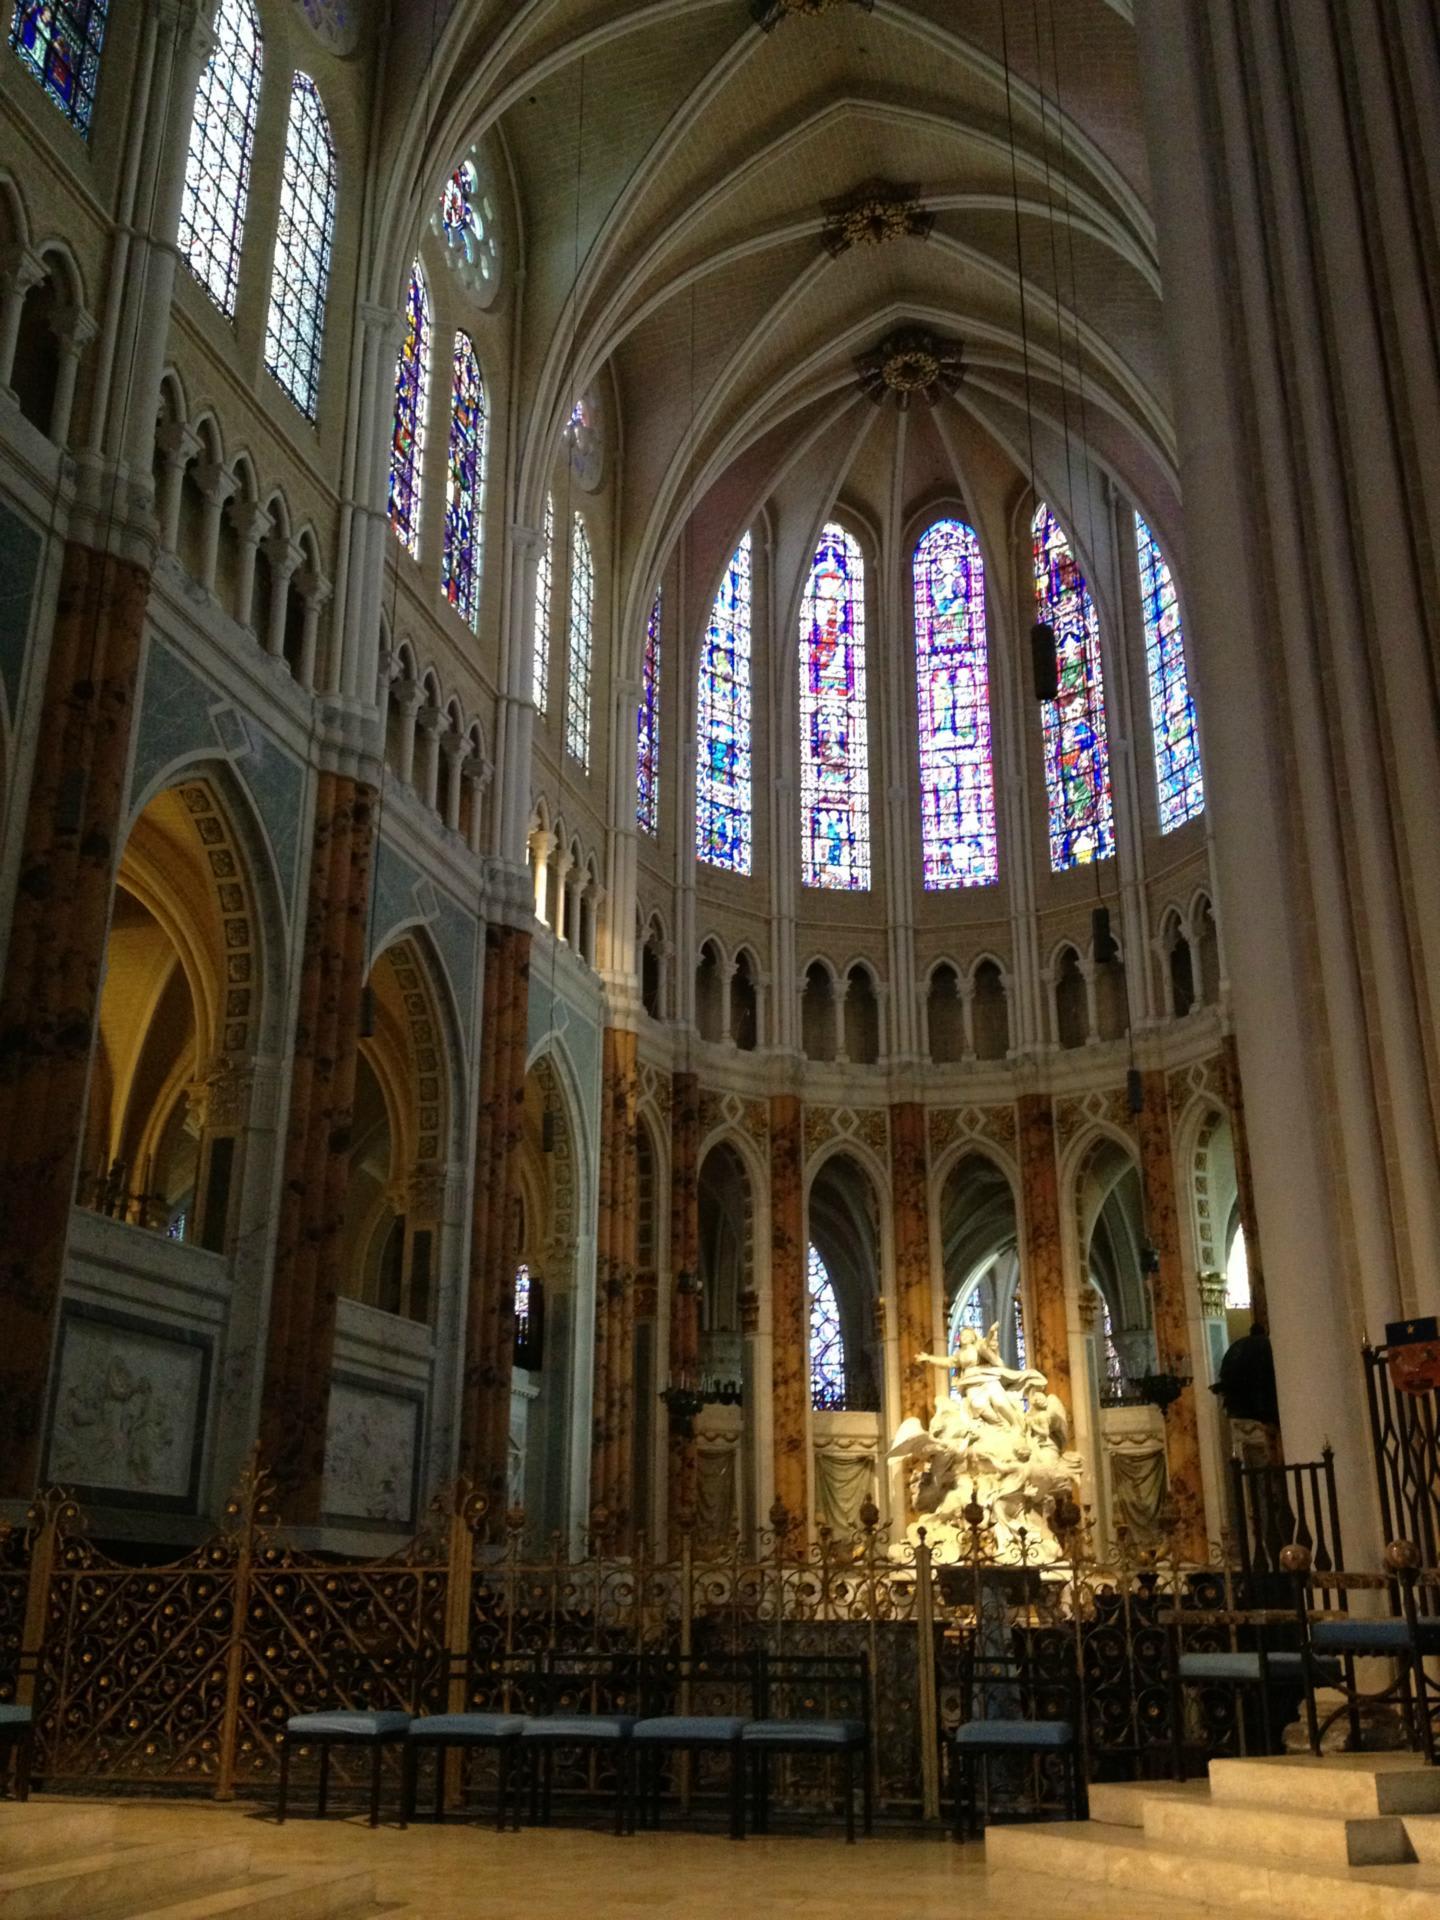 シャルトル大聖堂編、もう少し続きます。 再び、フランスから!